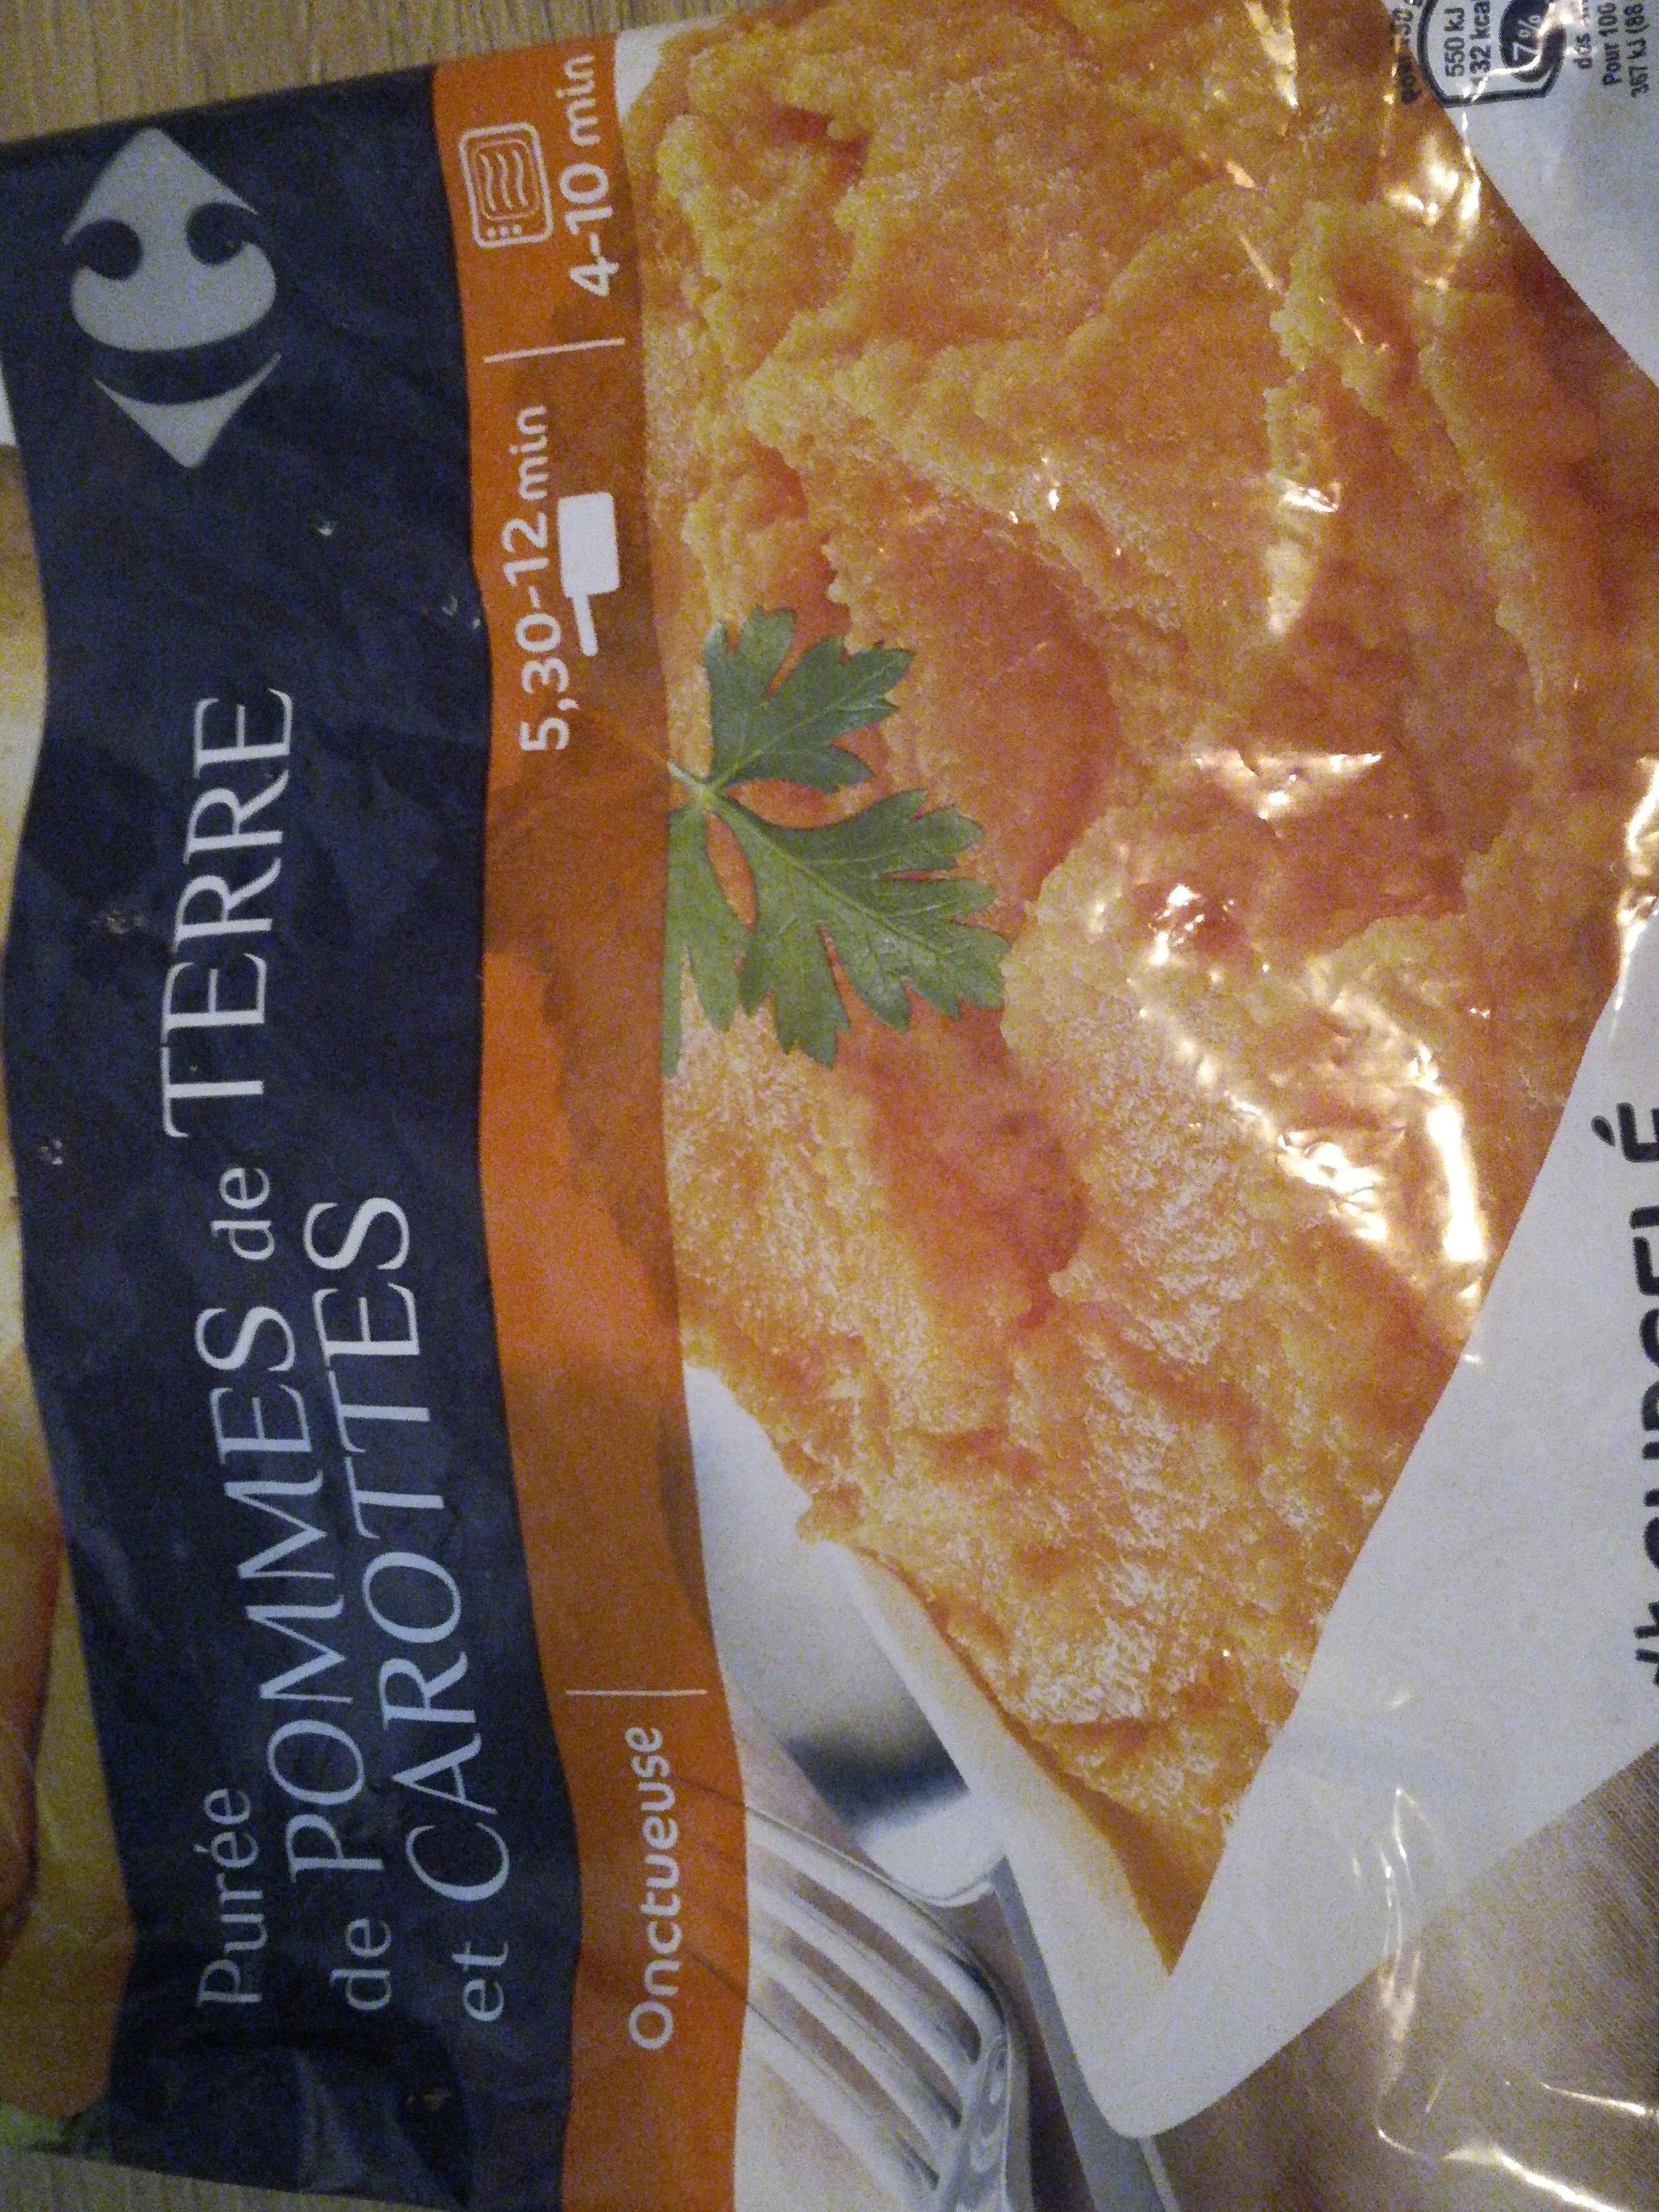 purée de pommes de terre et carottes - Produit - fr